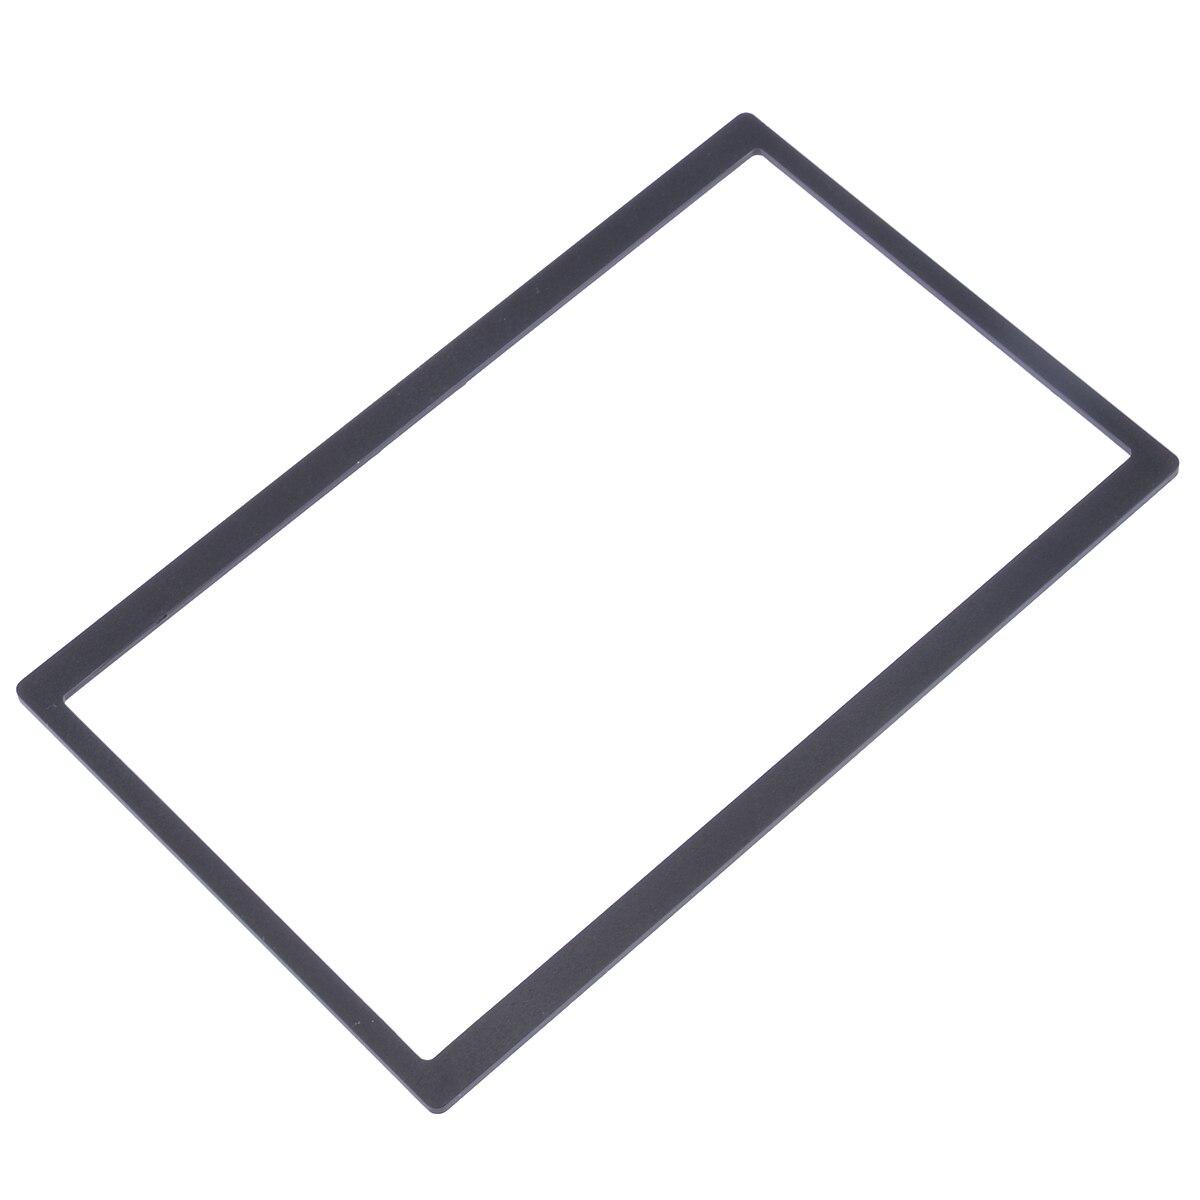 Marco de Panel para reproductor de DVD de coche, soporte para p-assat...